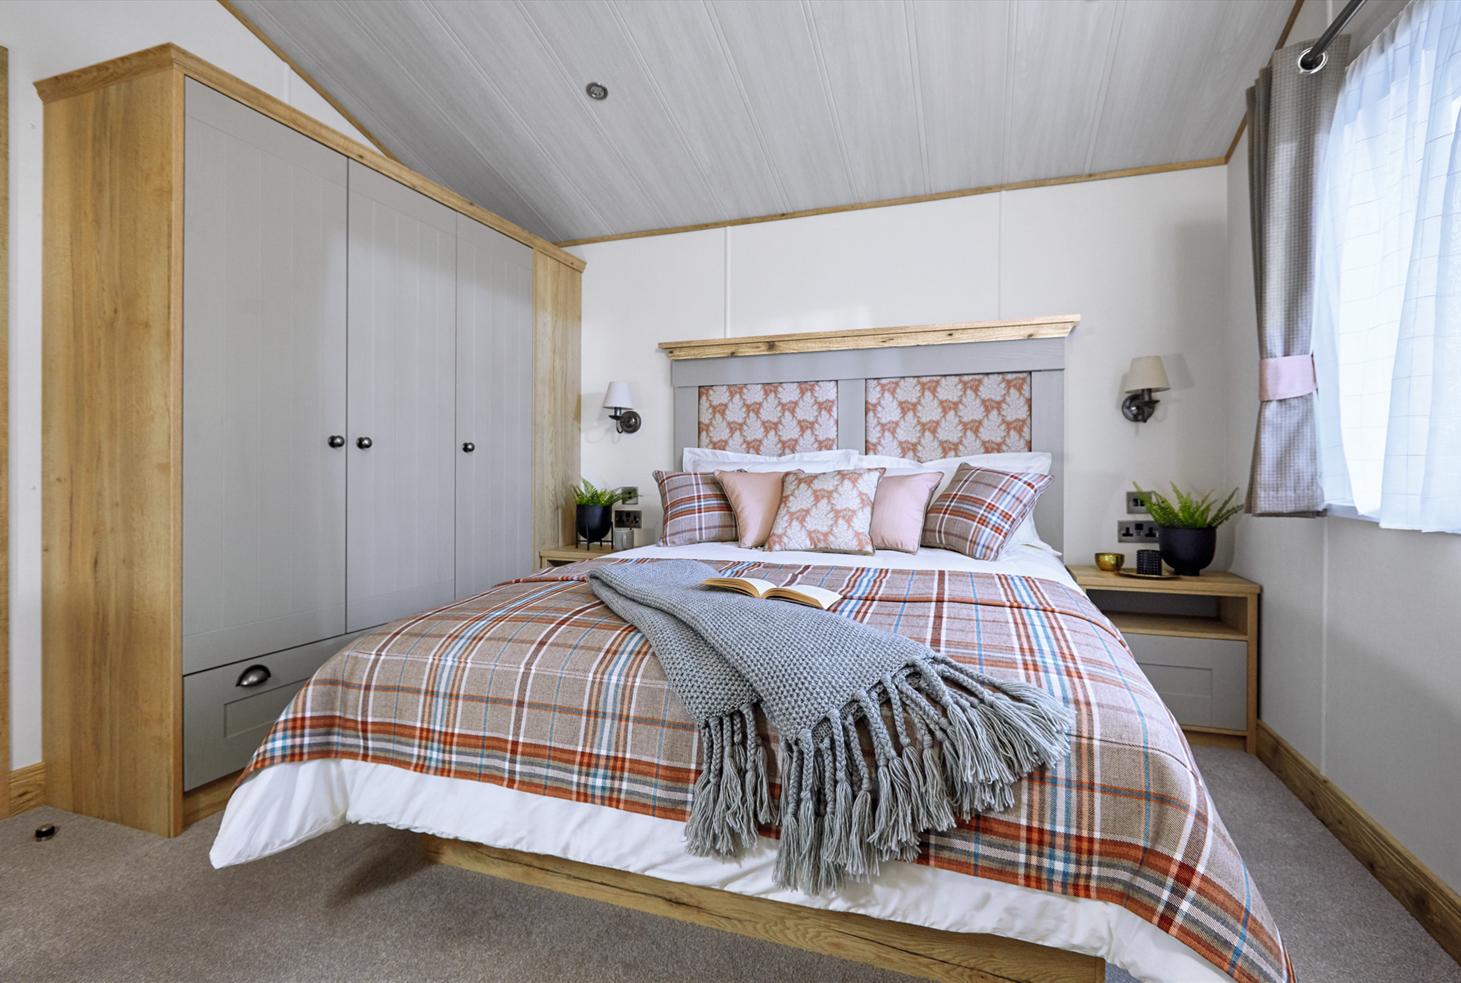 New 2021 ABI Harrogate Lodge 41ft x 20ft - 2 - master bedroom